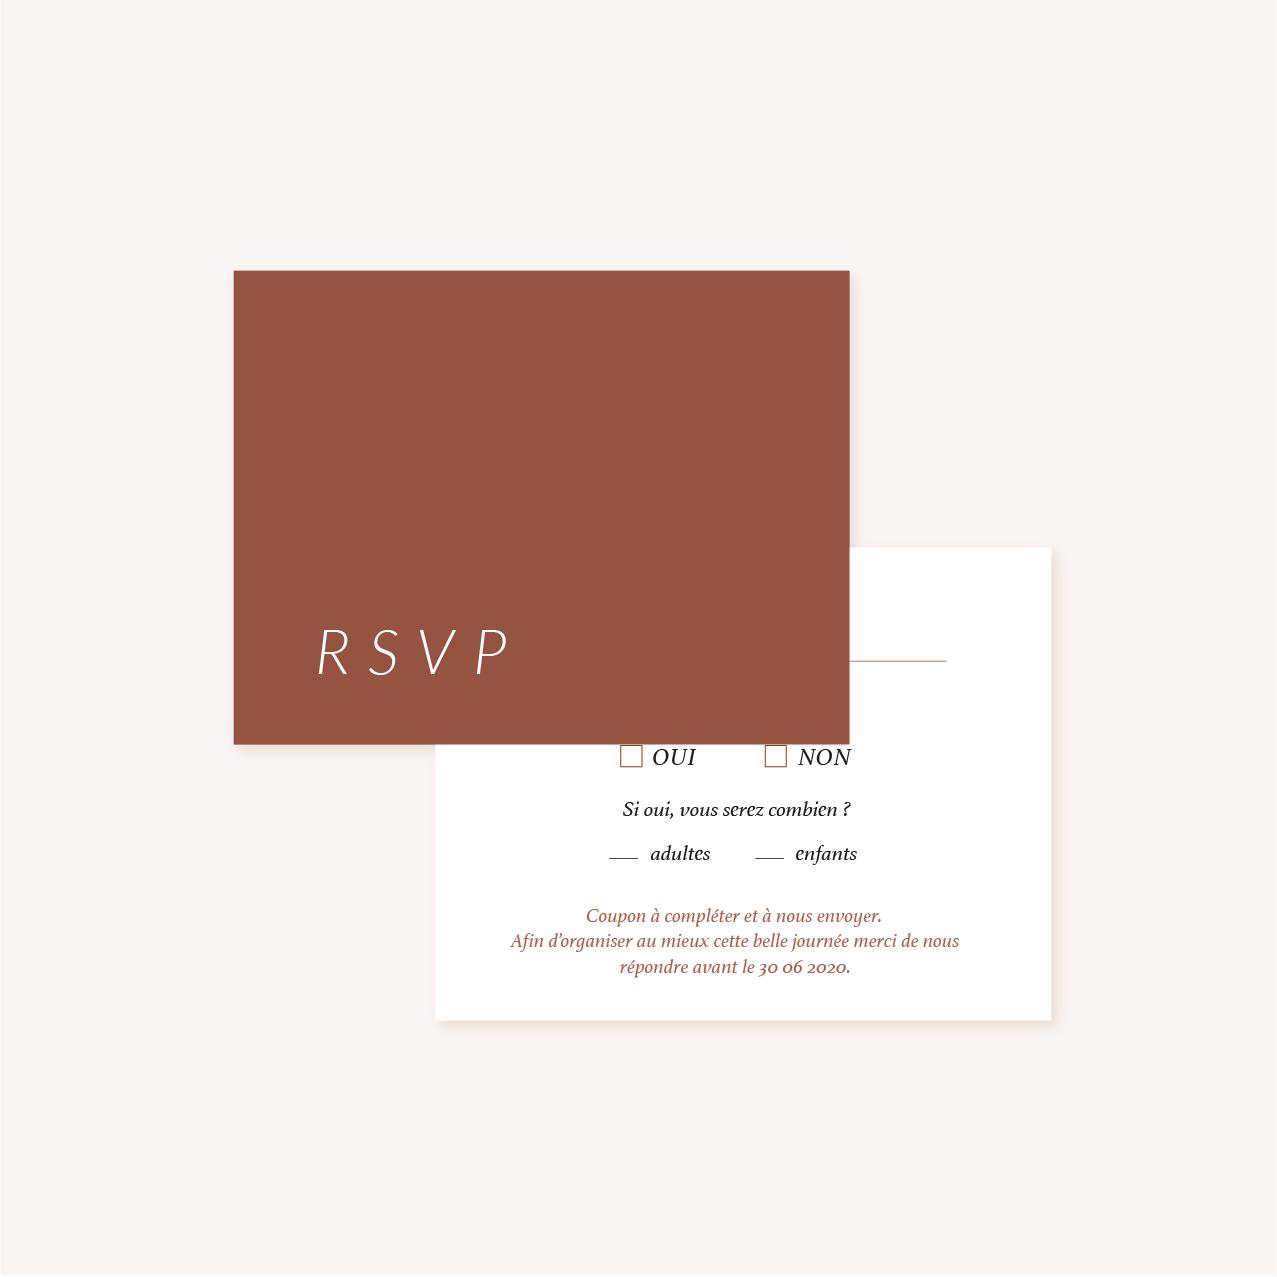 RSVP mariage Terracotta brique blush